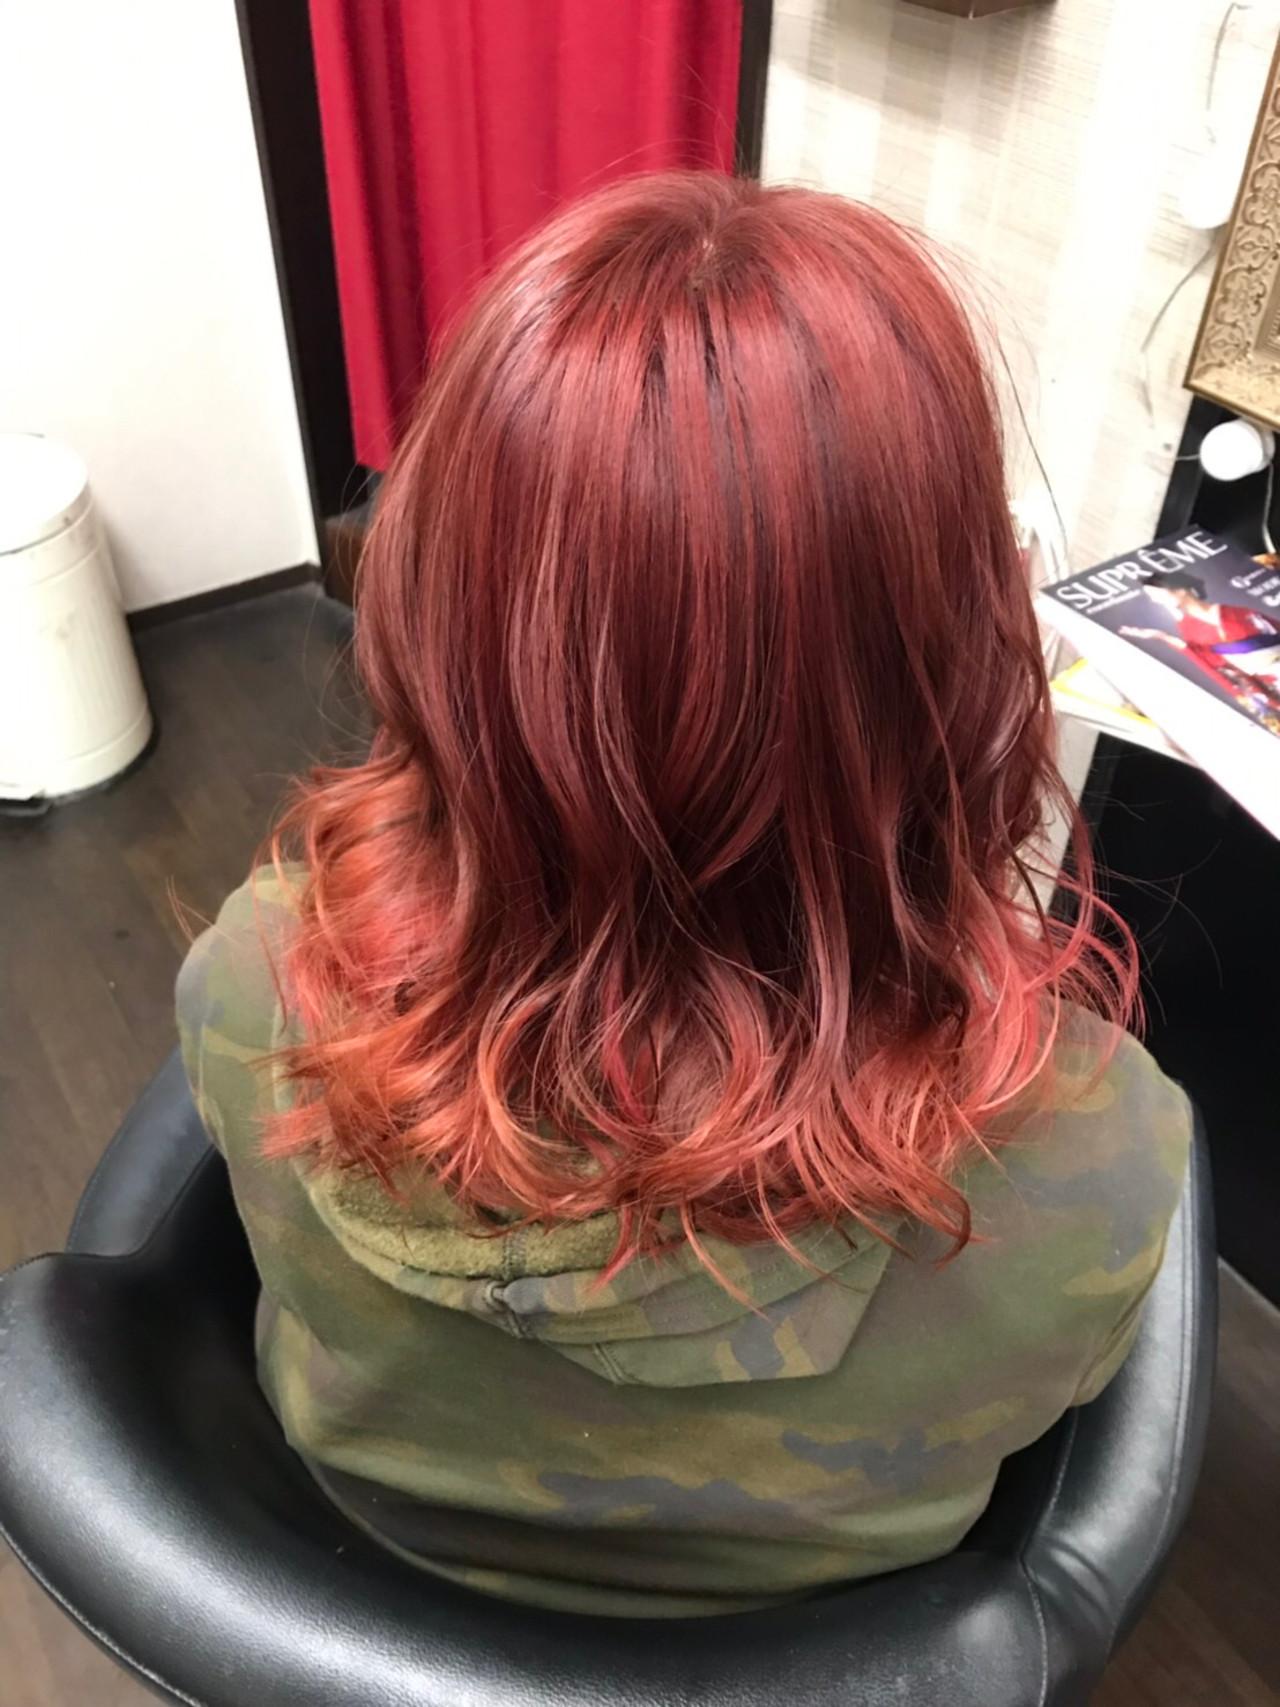 ミディアム ストリート ヘアカラー 赤髪 ヘアスタイルや髪型の写真・画像